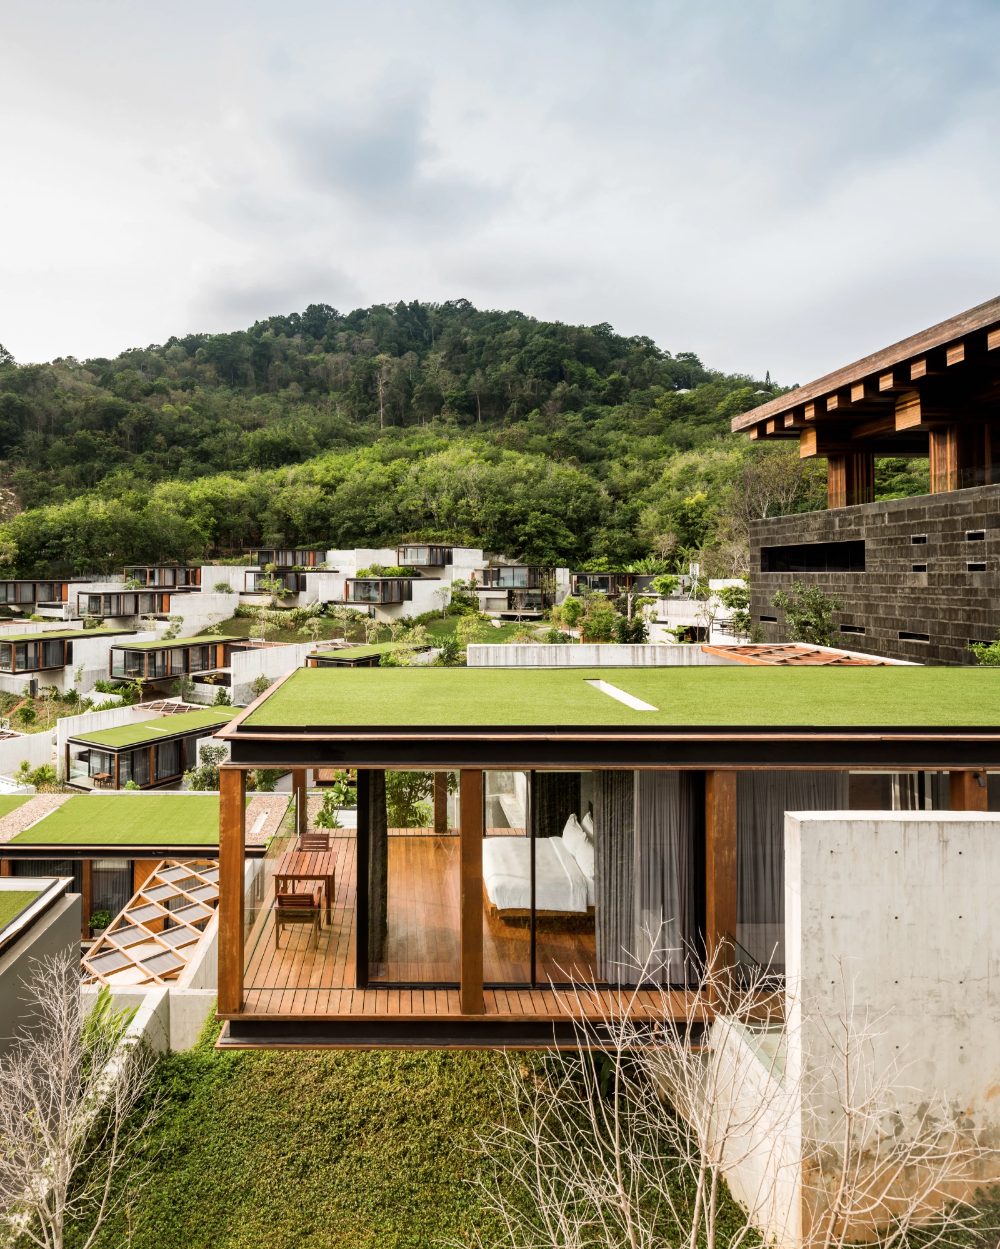 The Naka Phuket Hotel by DBALP (II)   Resort architecture, Hotel  architecture, Architecture